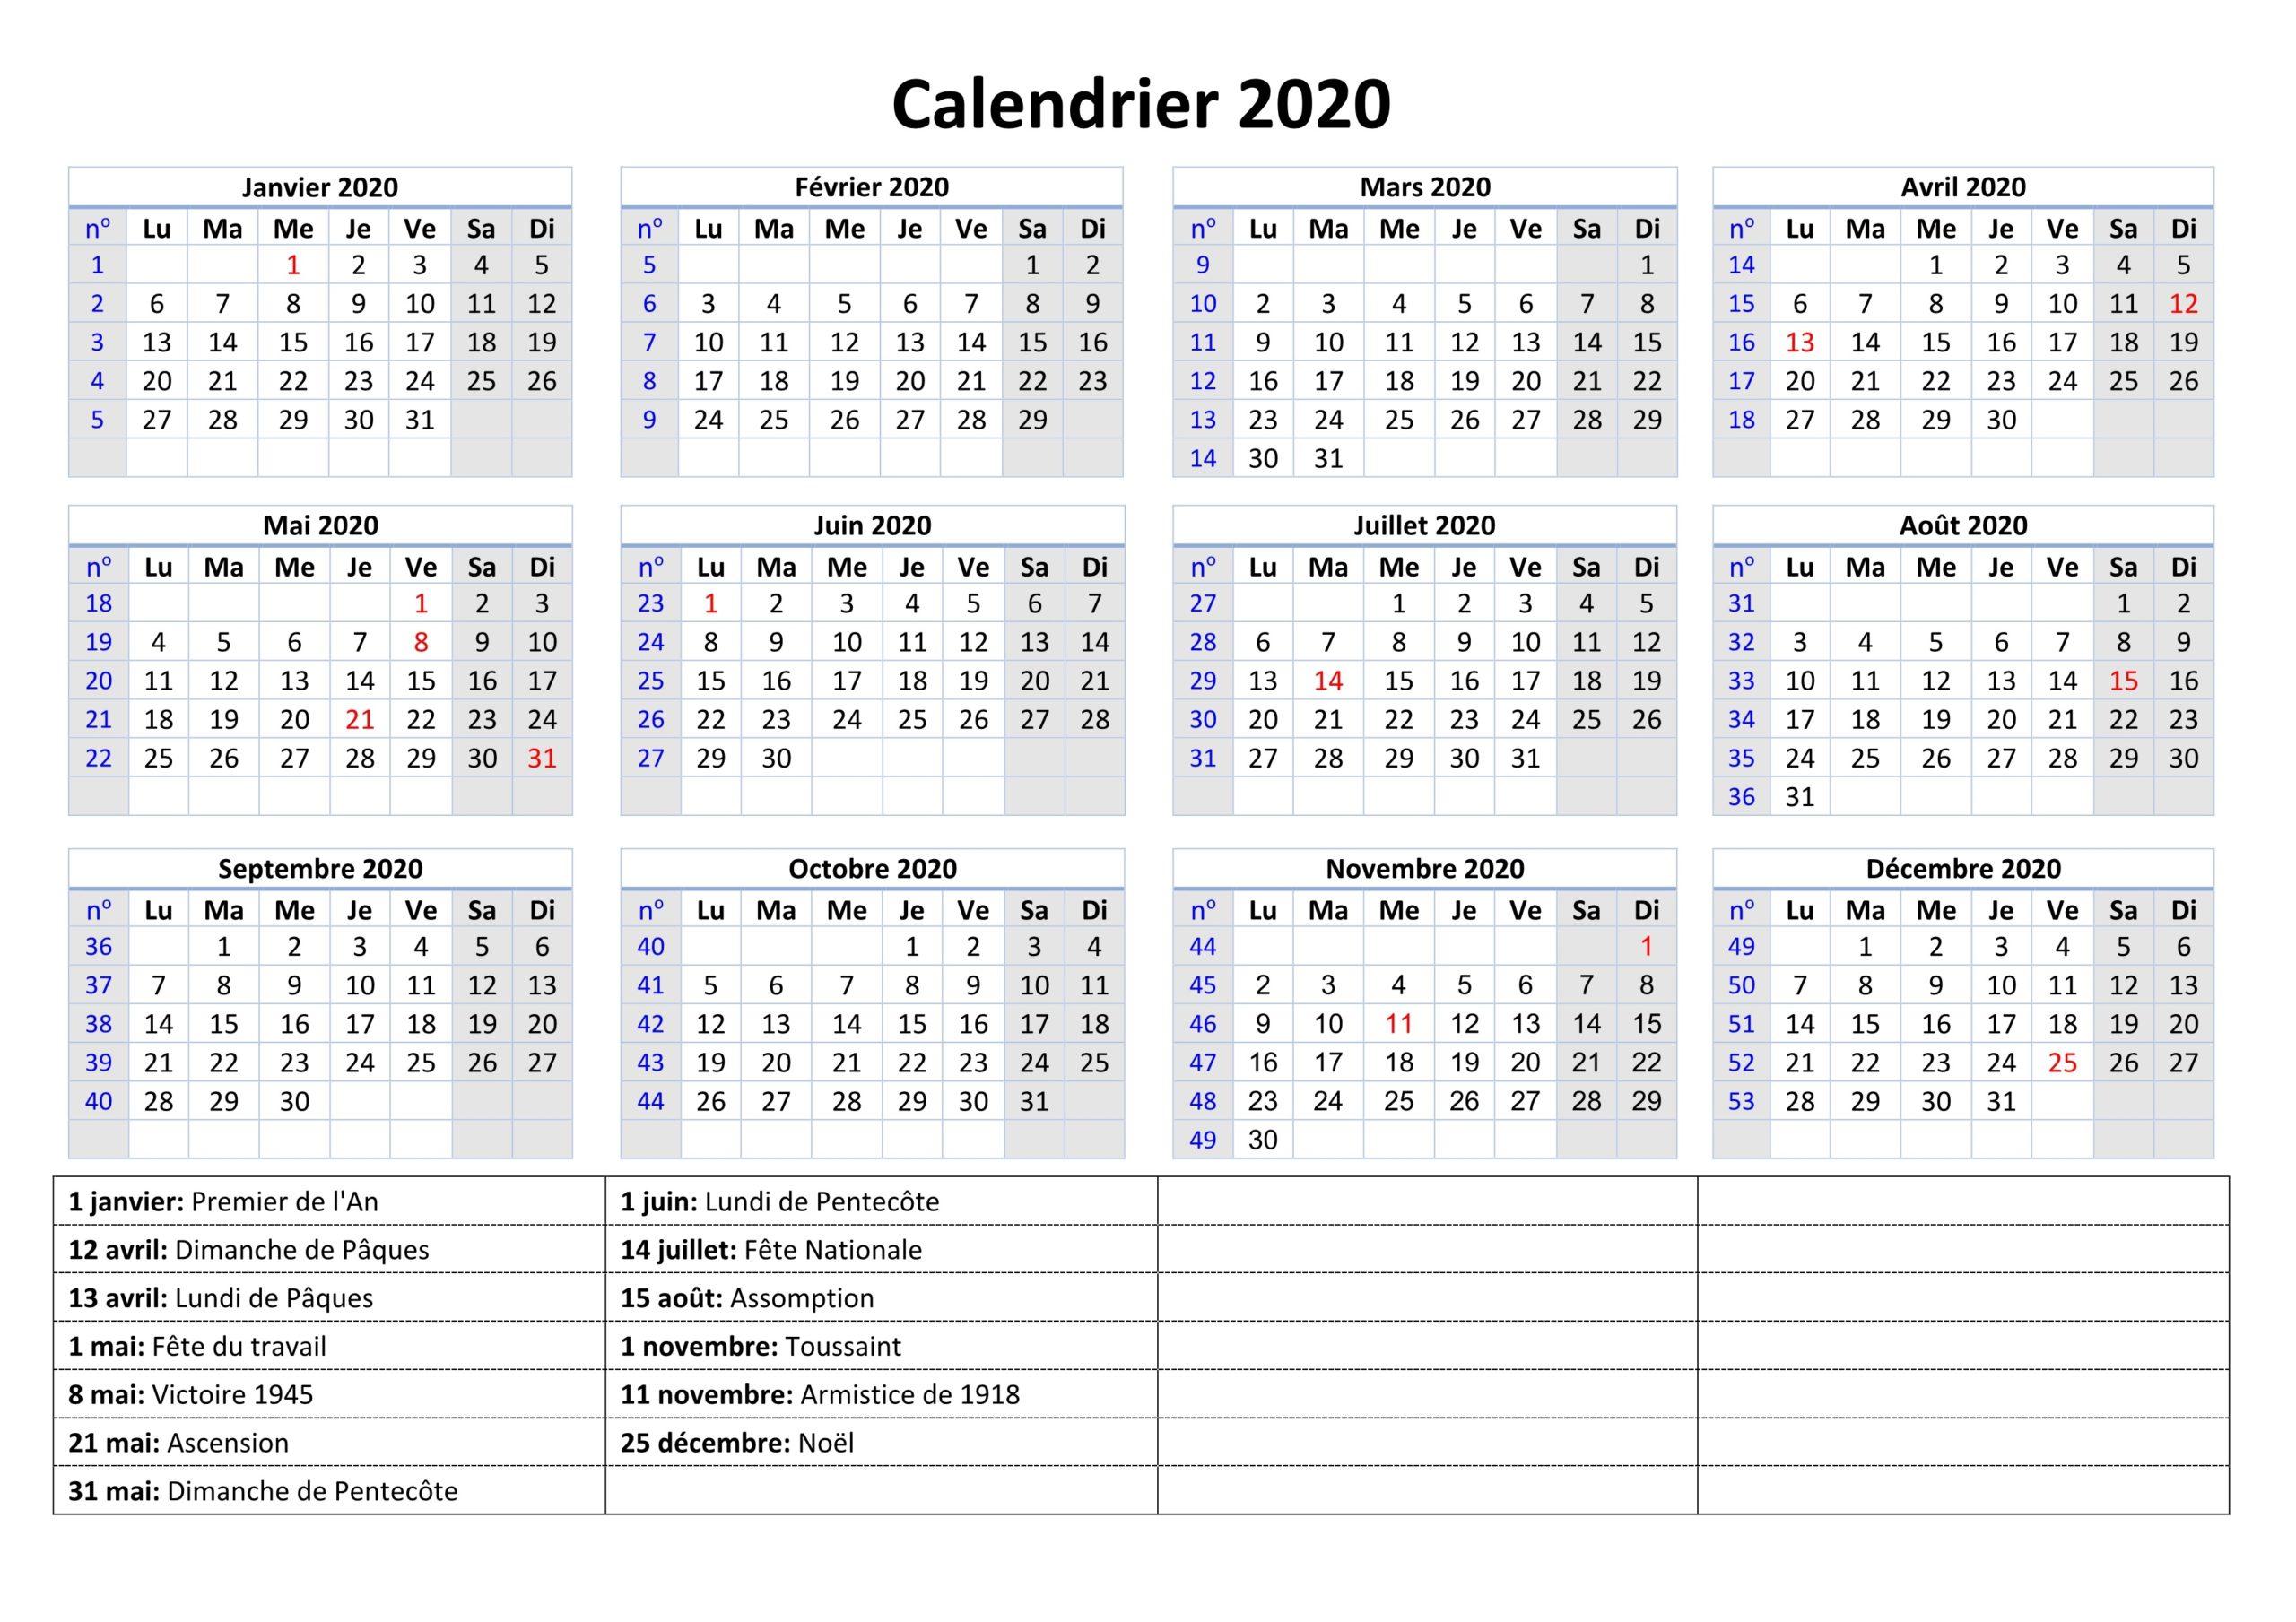 2020 Calendrier Avec les Jours Fériés